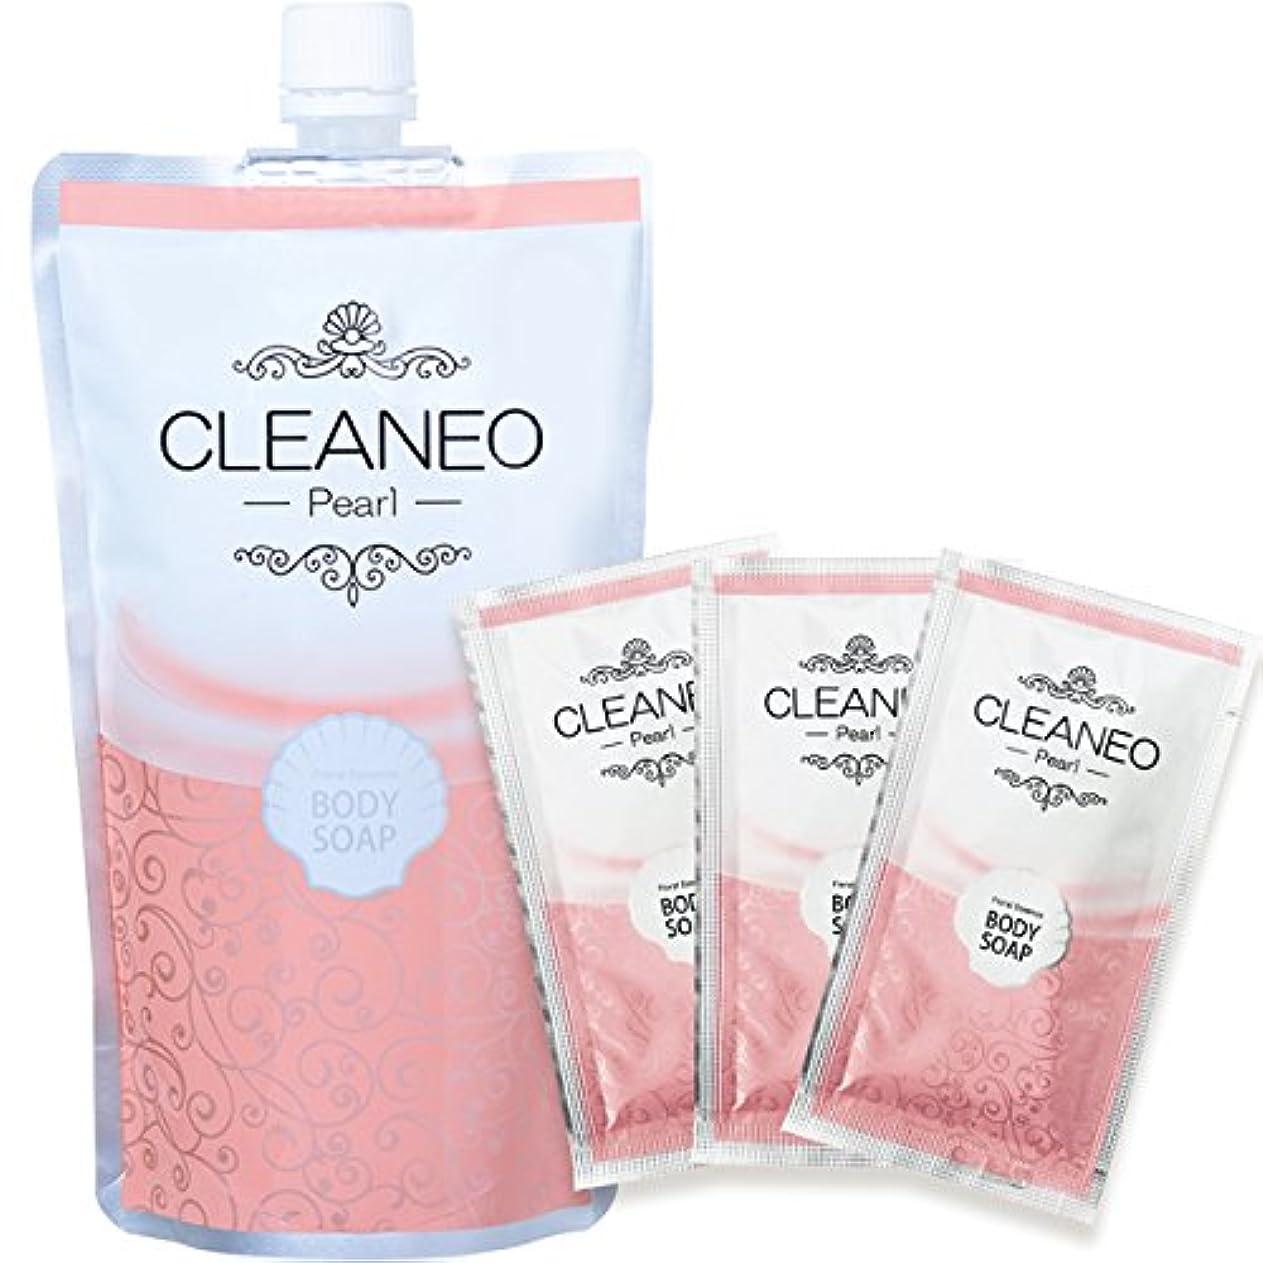 シード神経衰弱安全性クリアネオ公式(CLEANEO) パール オーガニックボディソープ?透明感のある美肌へ 詰替300ml + パールパウチセット